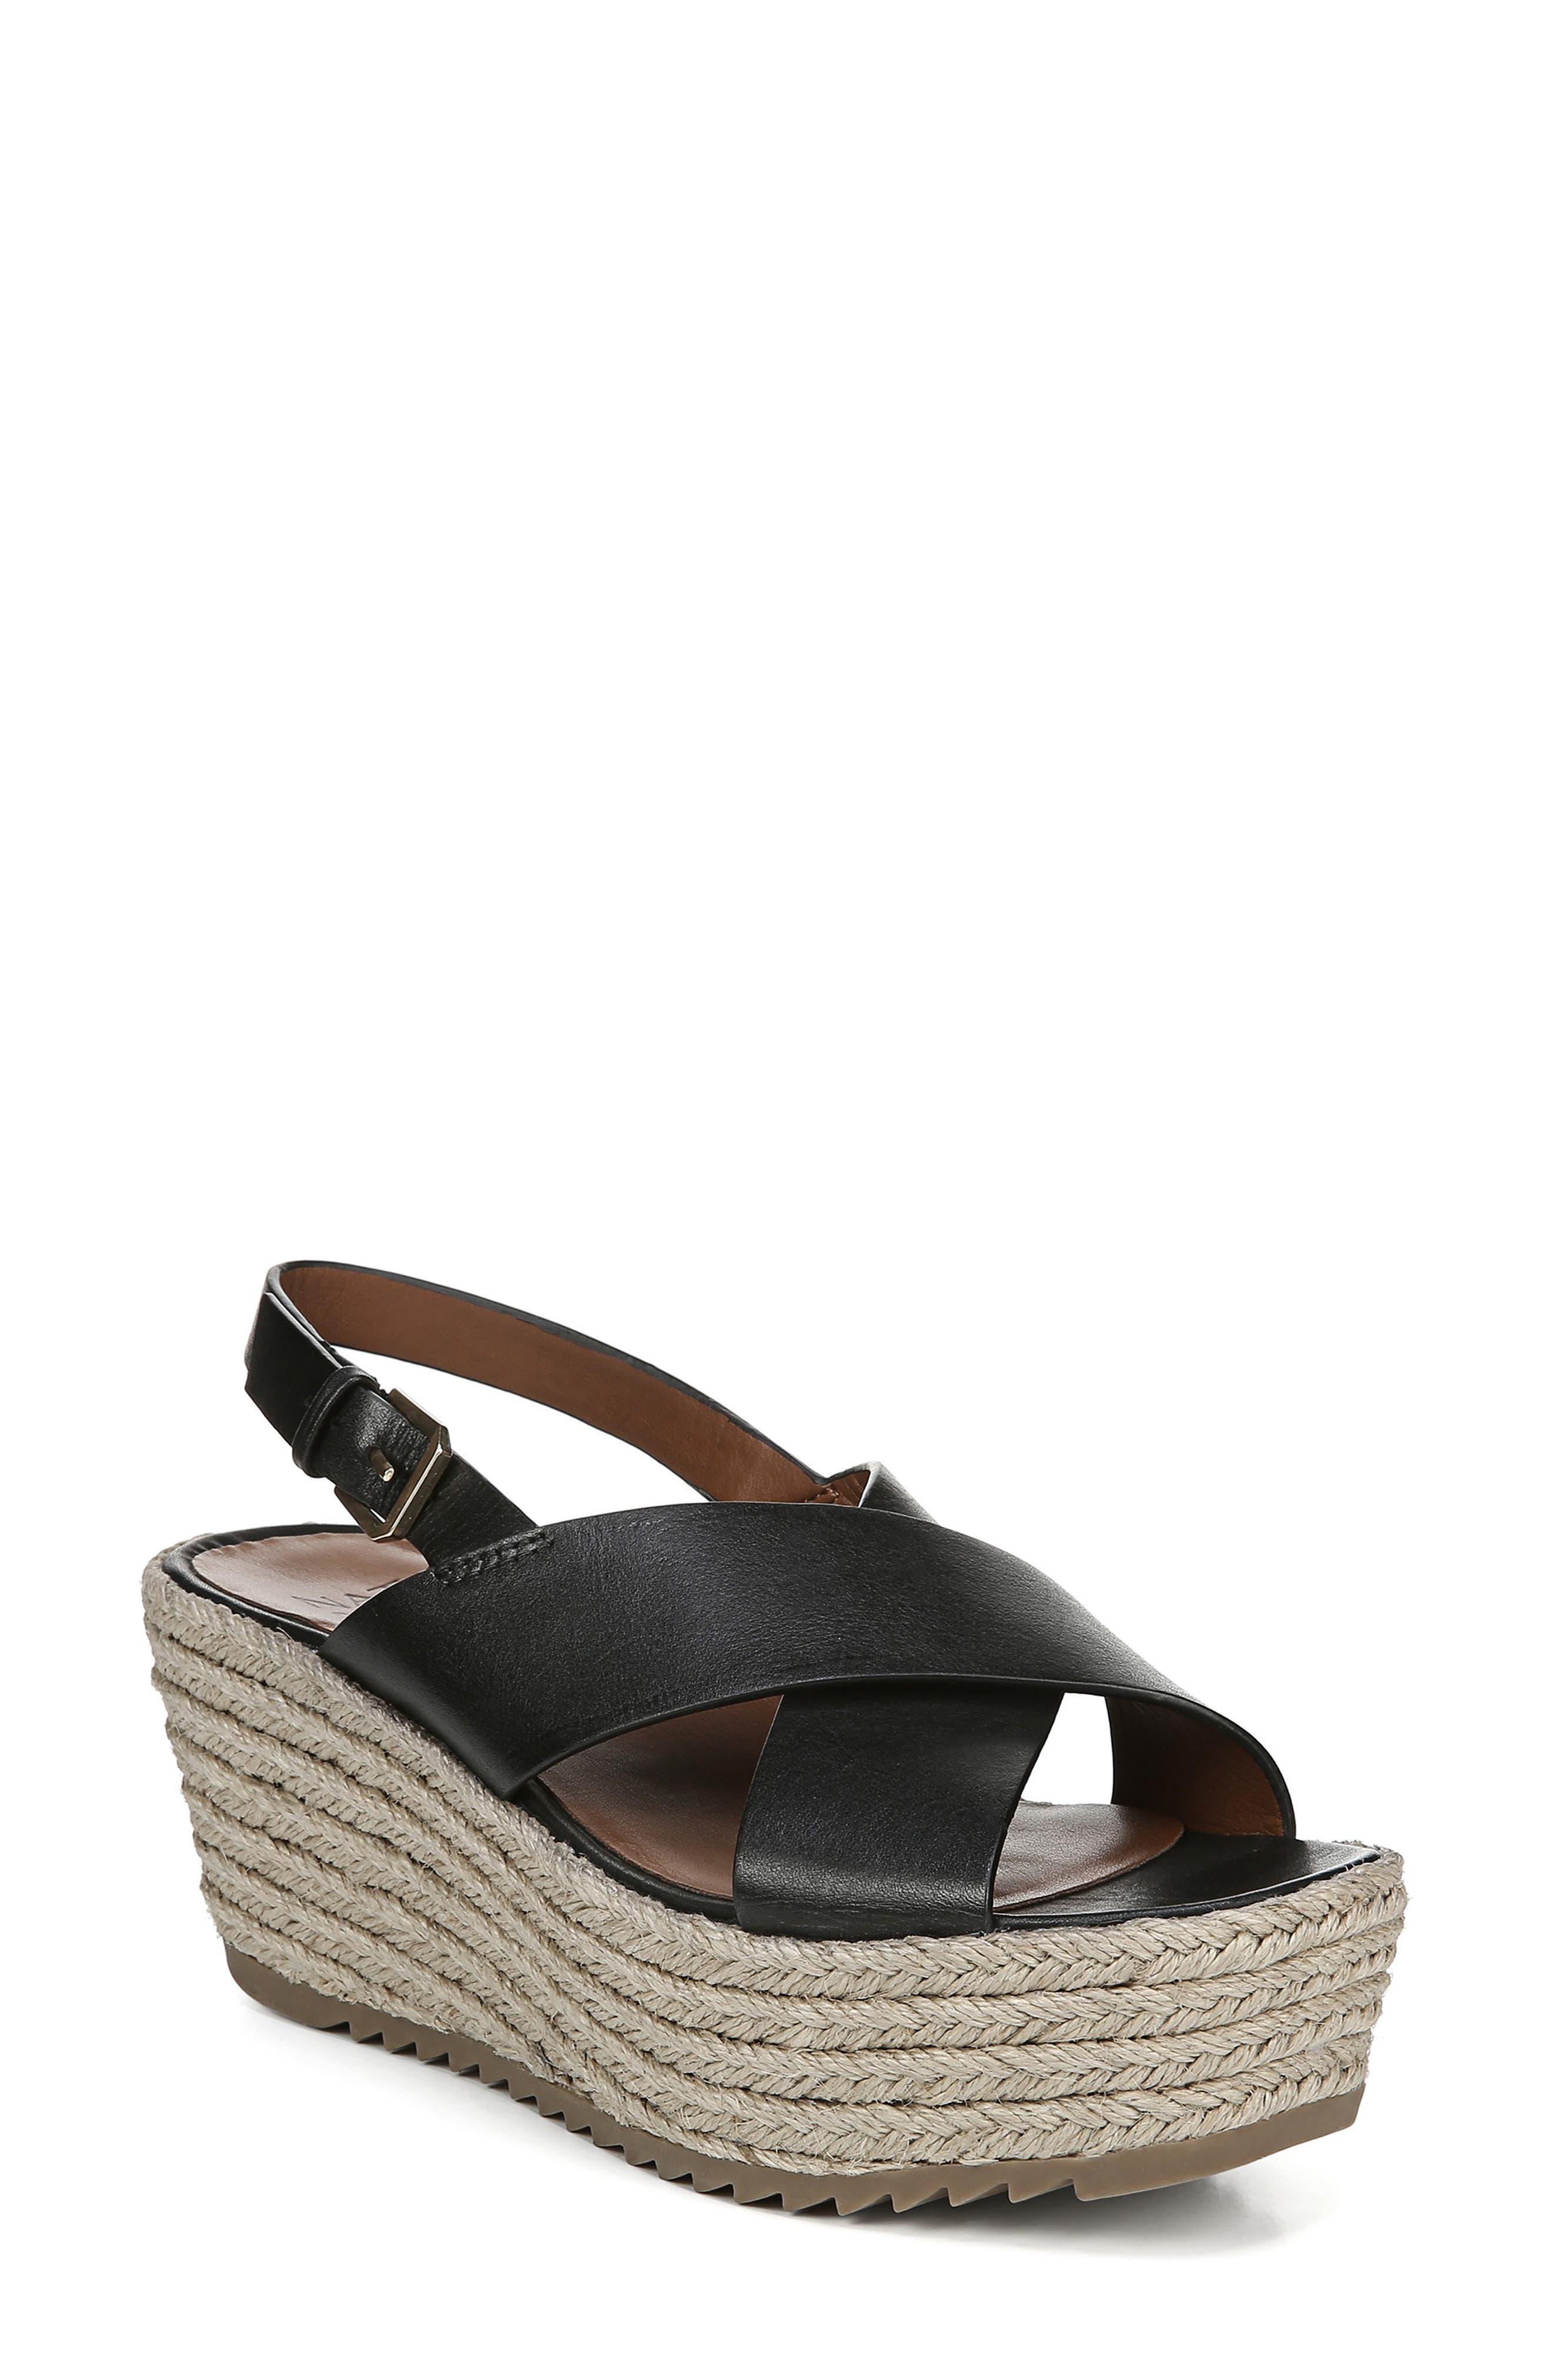 NATURALIZER Oak Espadrille Wedge Sandal, Main, color, BLACK LEATHER